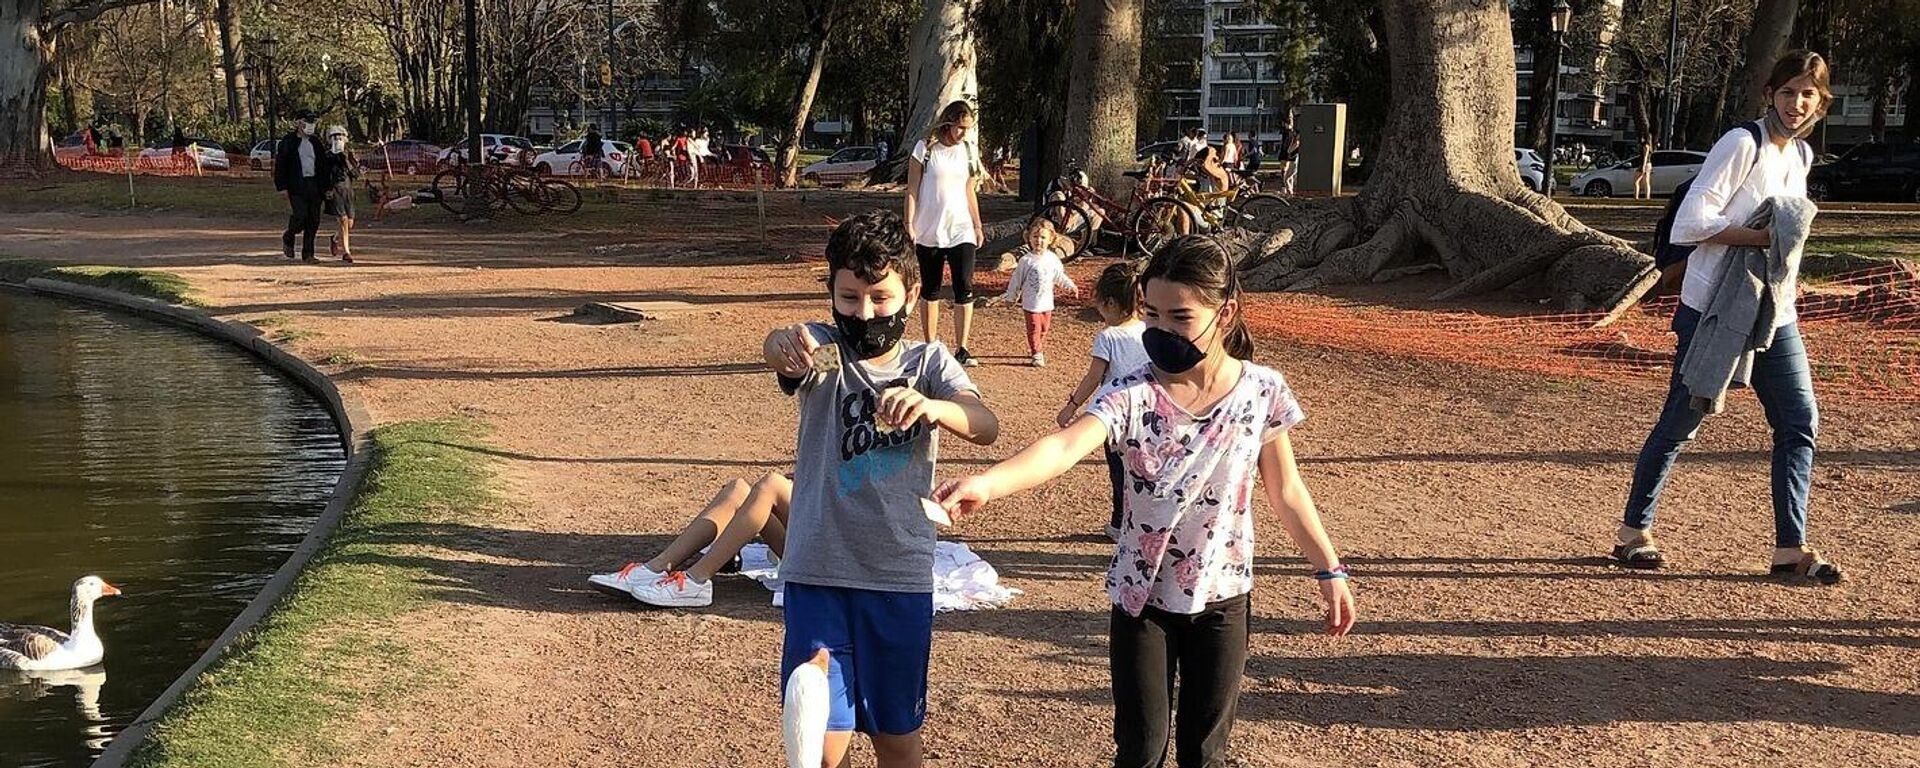 Пандемия коронавируса - дети в масках - Sputnik Грузия, 1920, 31.08.2021